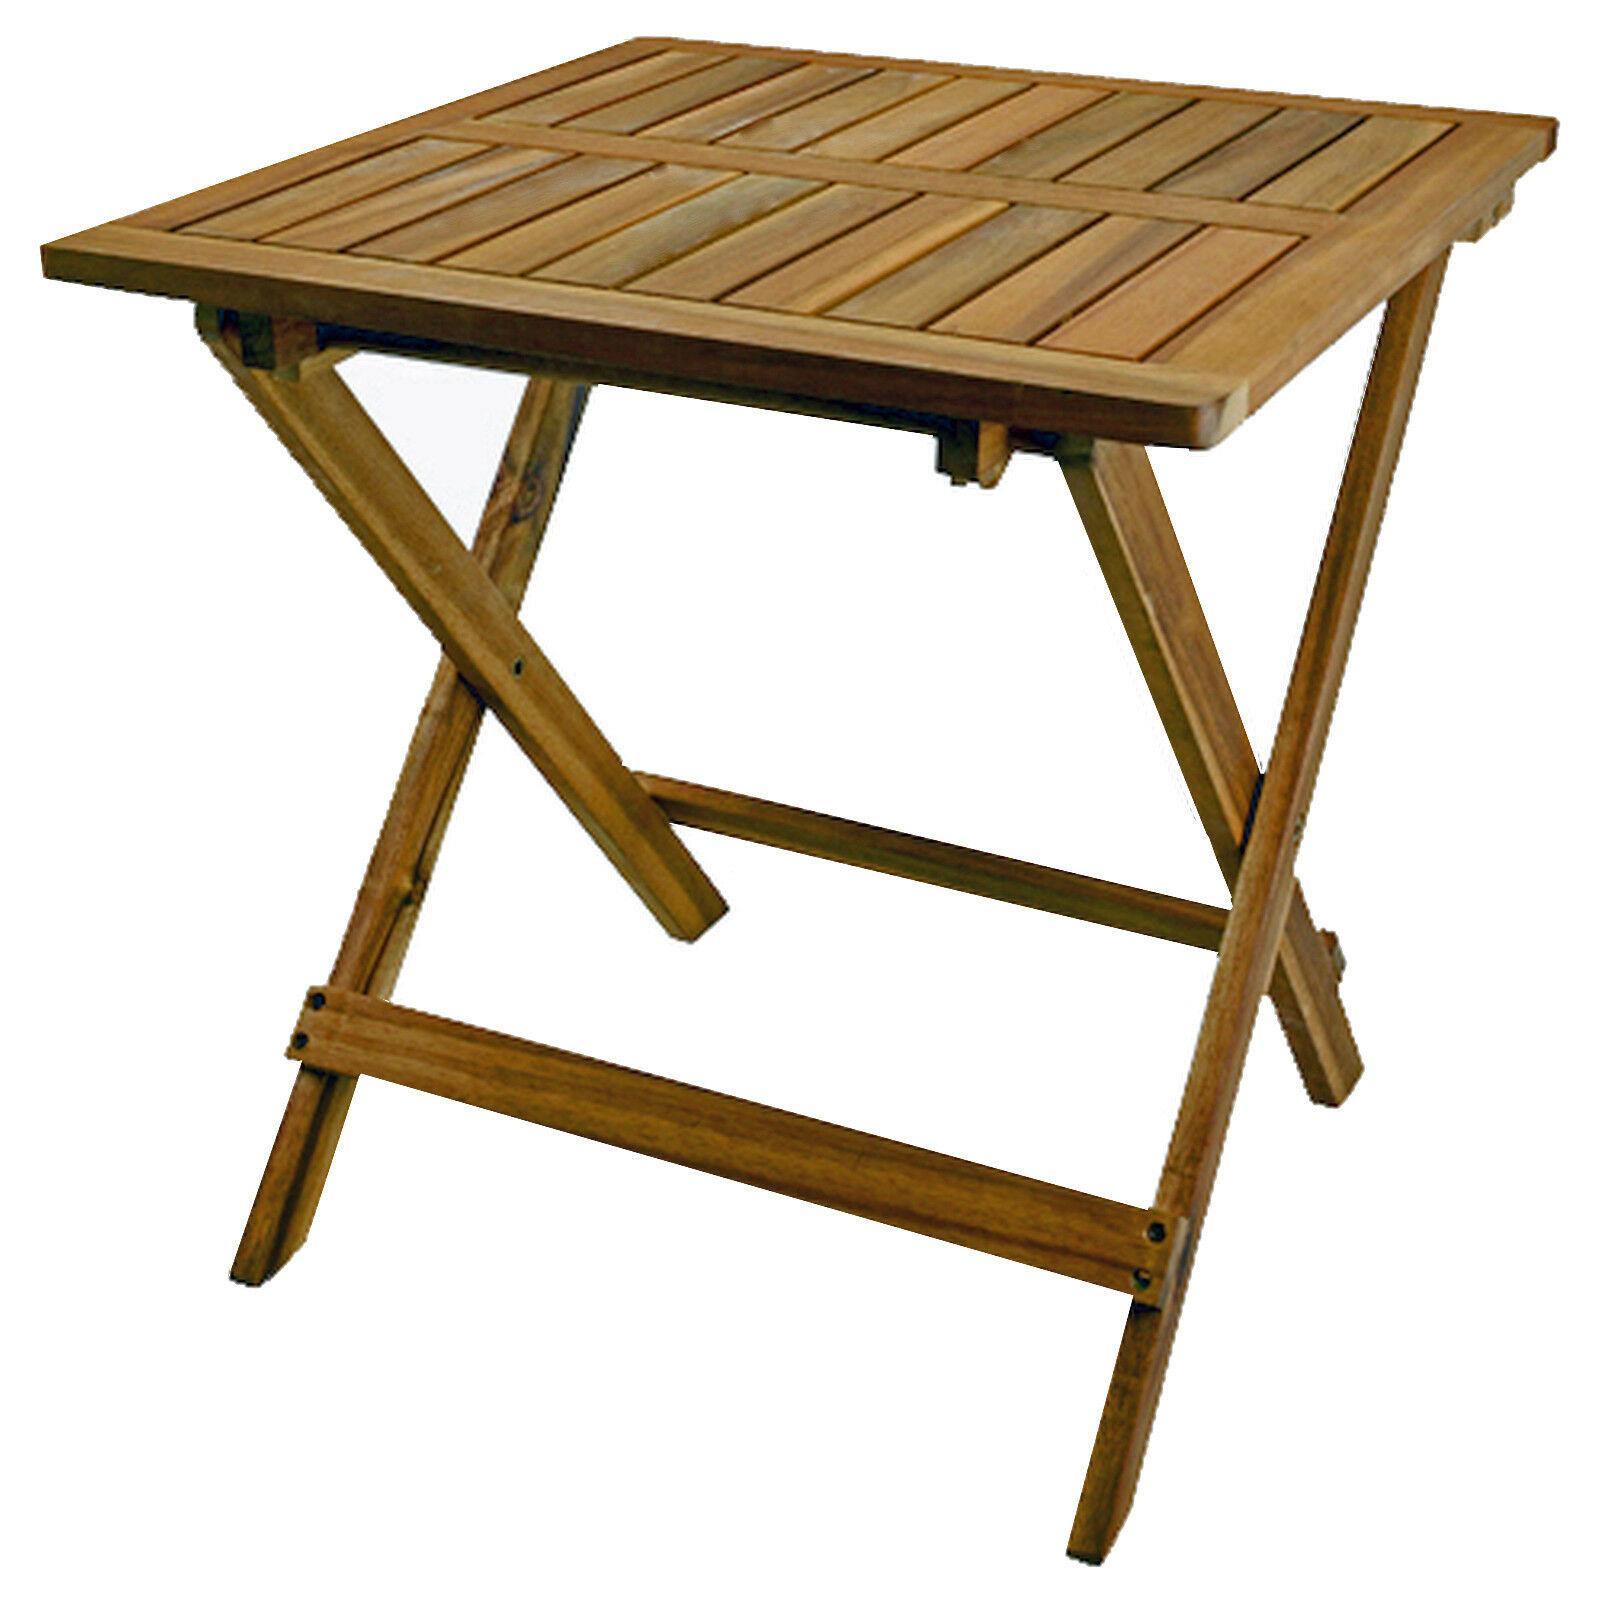 Full Size of Gartentisch Rund Holz Metall Klappbar Ikea Eckig Ausziehbar 80x80 Alu Obi Holzoptik Balkontisch Campingtisch Beistelltisch Massivholz Betten Schlafzimmer Wohnzimmer Gartentisch Klappbar Holz